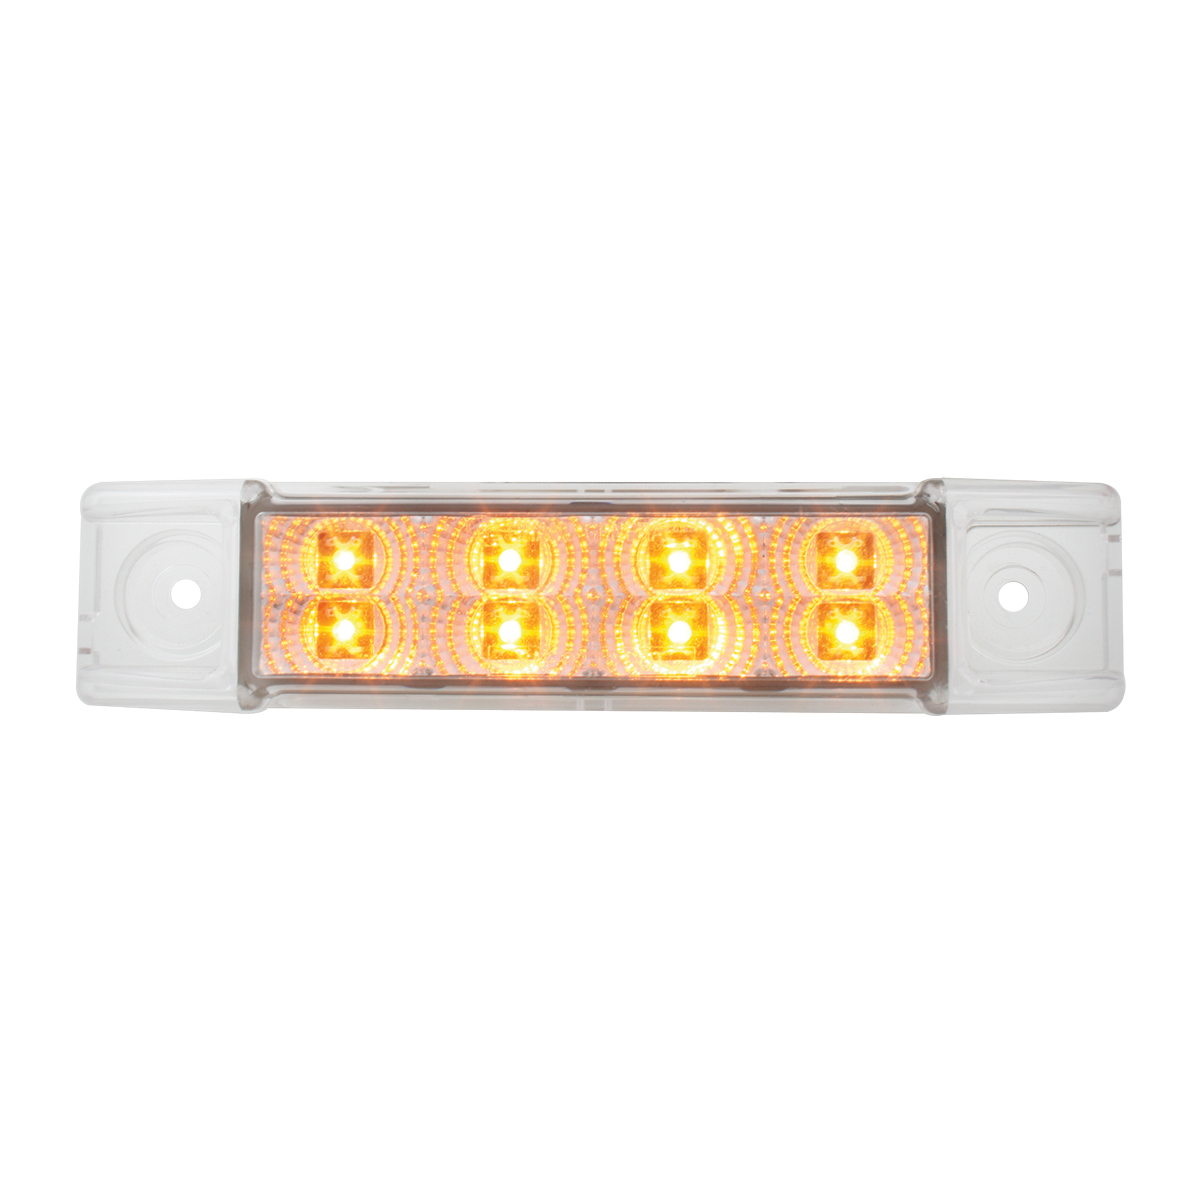 76271 Slim Rectangular Spyder LED Light in Amber/Clear